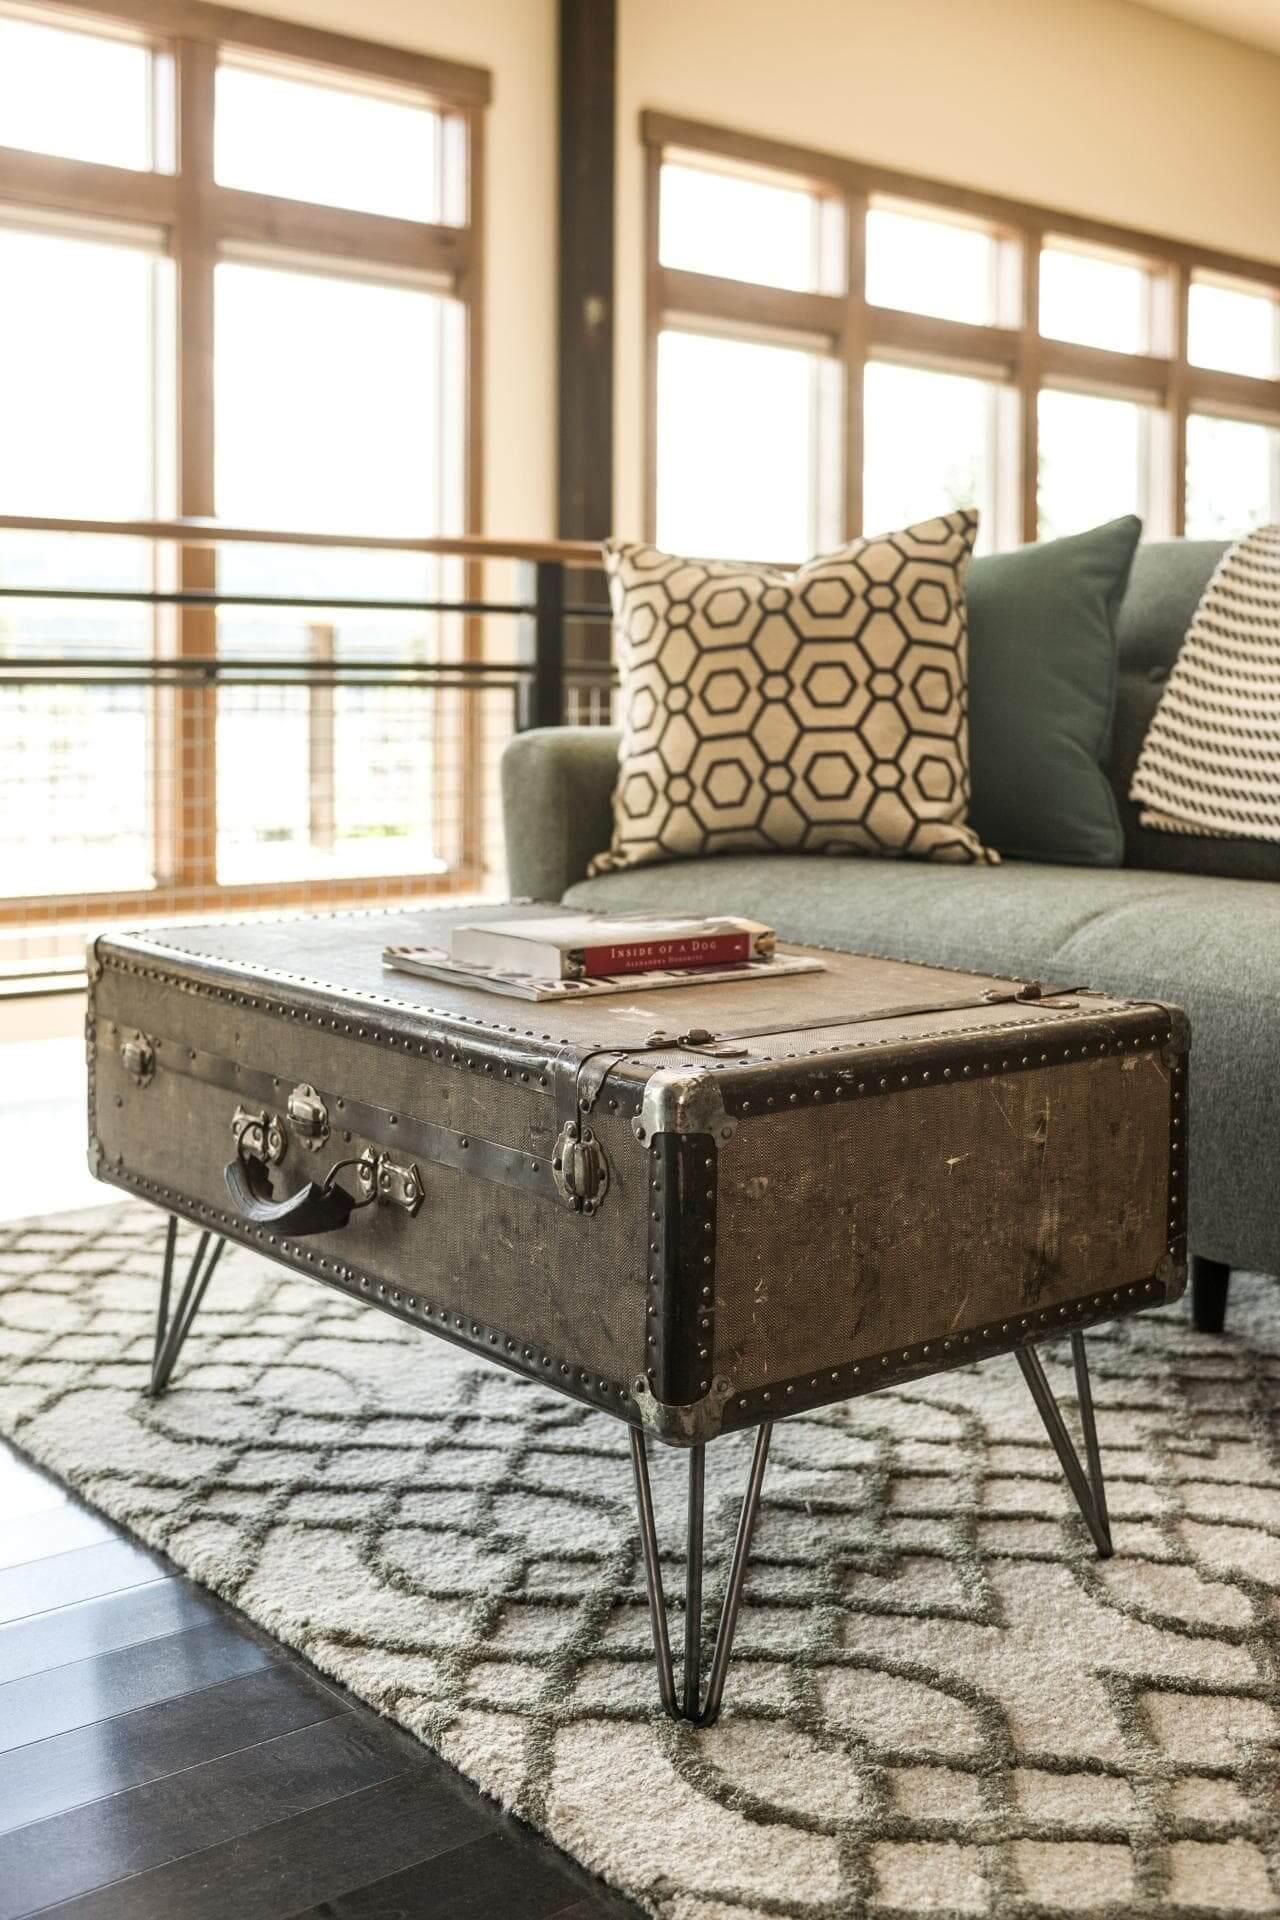 Журнальный столик из чемодана